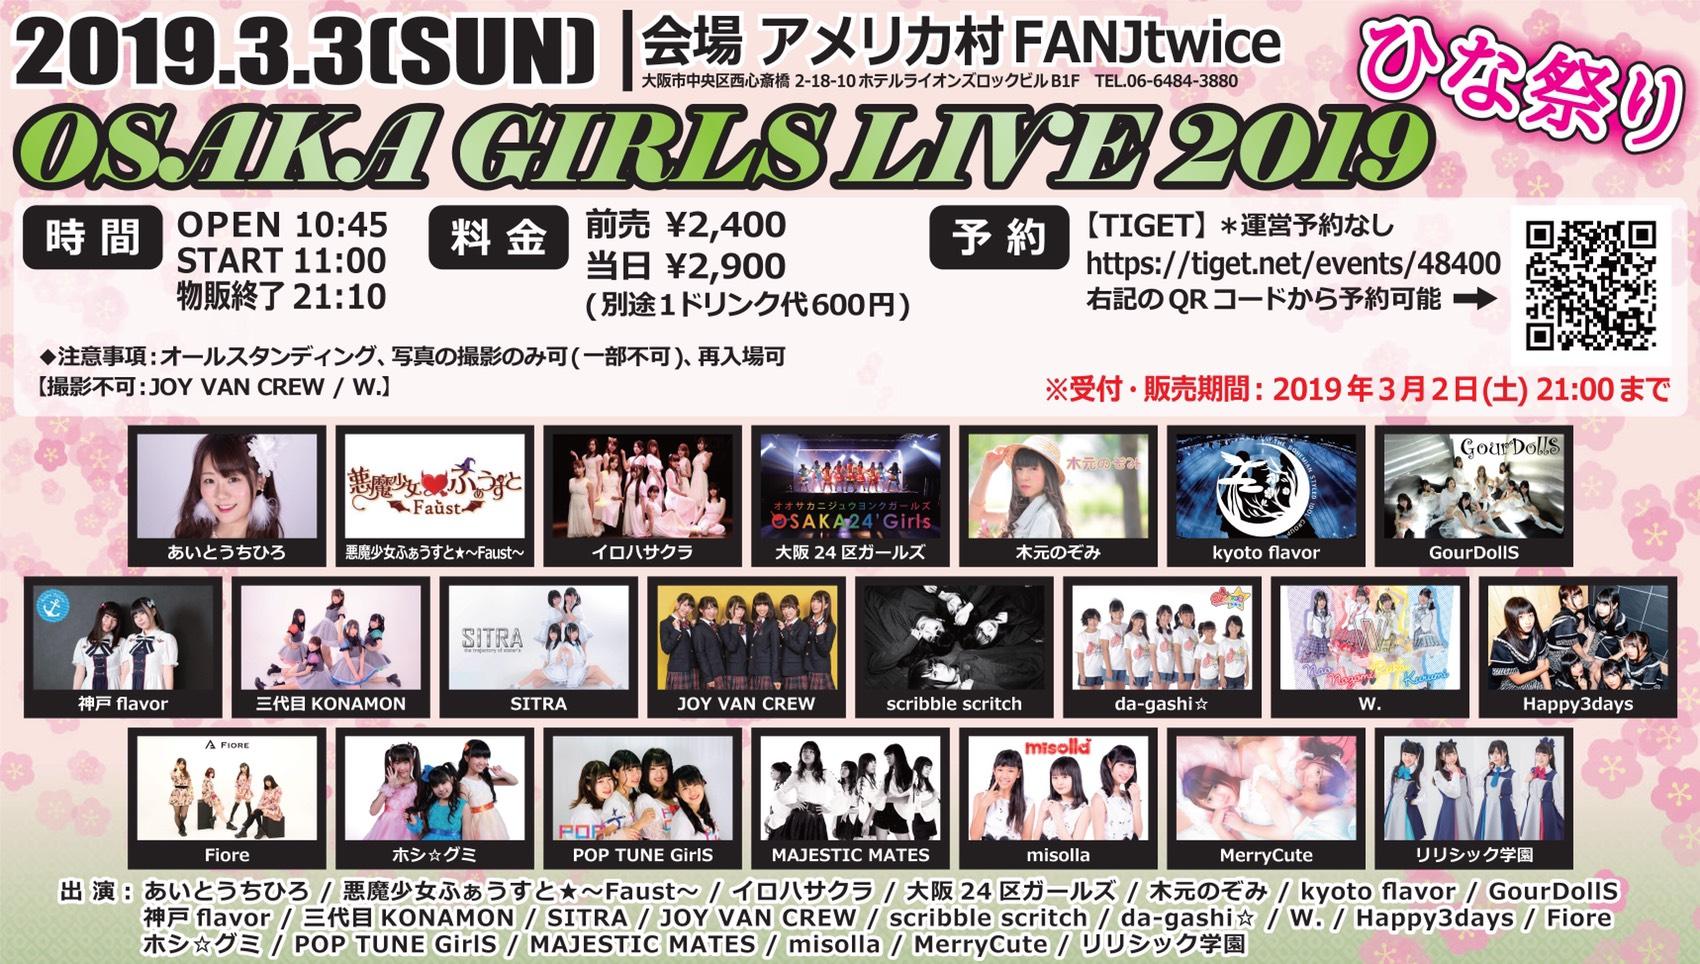 【イベント情報】2019年3月3日(日)da-gashi☆「OSAKA GIRLS LIVE 2019 ひな祭り」